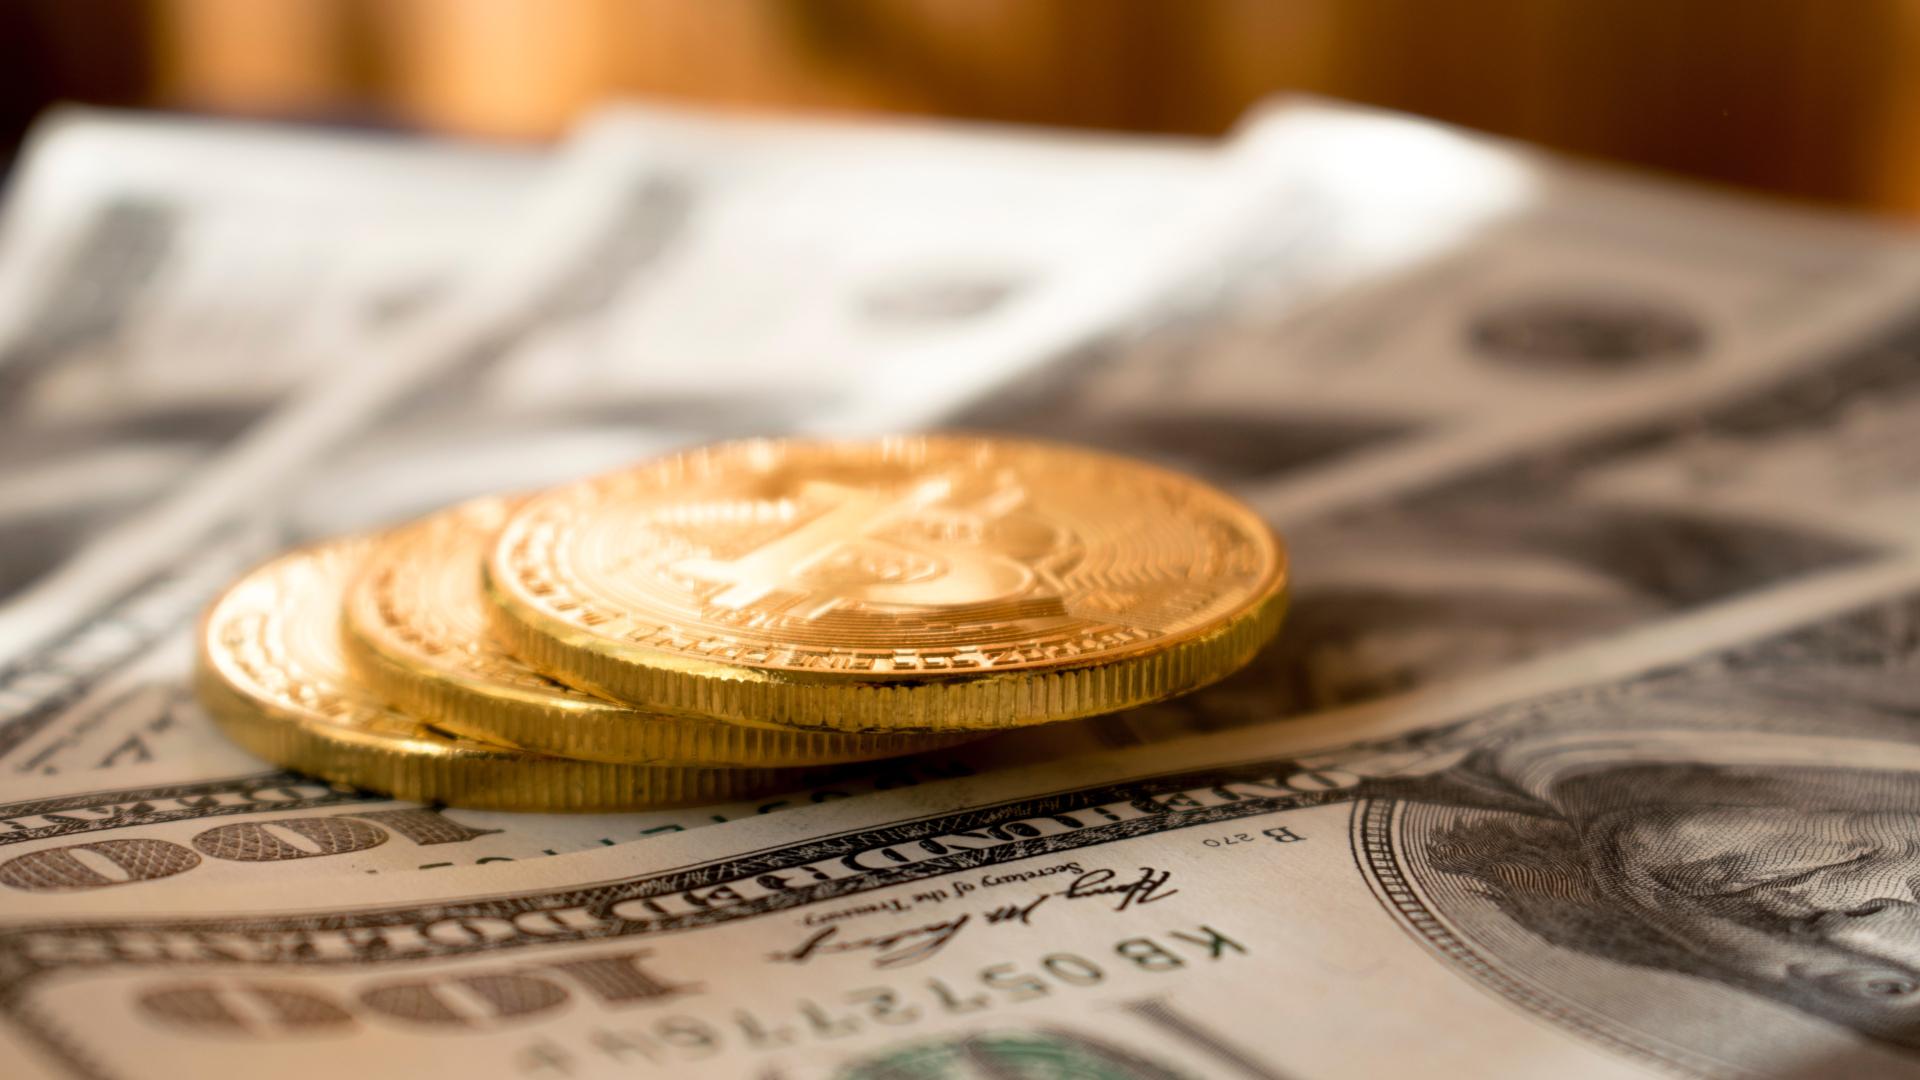 ¿El evangelio de la prosperidad sigue en tu corazón?